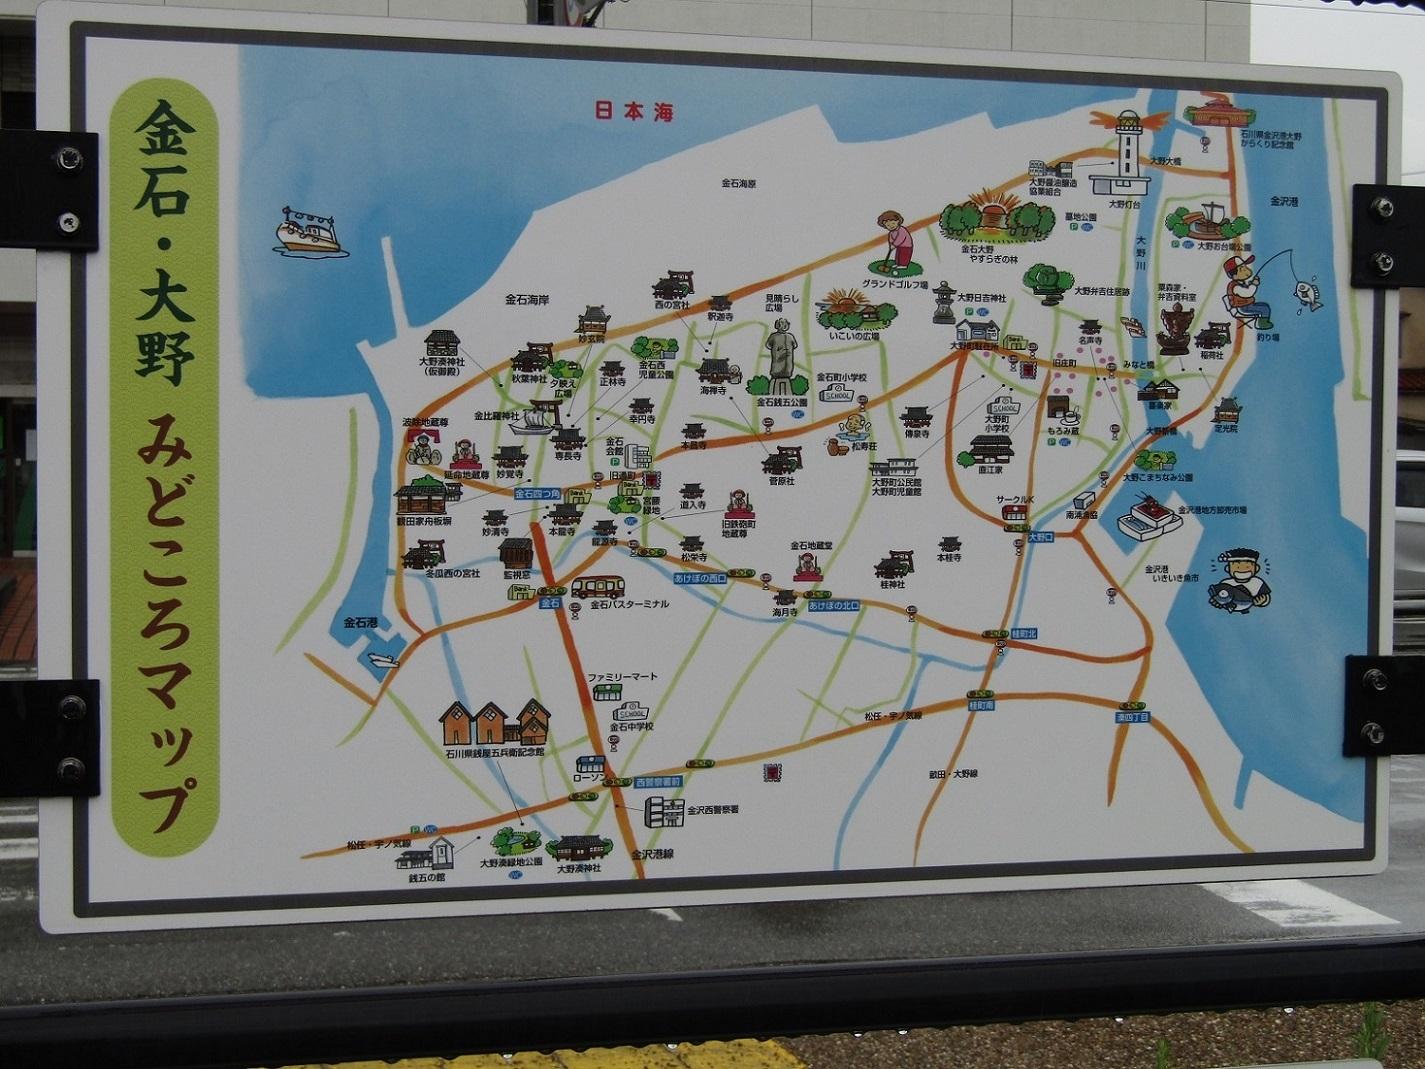 趣異なるふたつの港町を巡る~金石・大野周遊シャトルバス_f0281398_21135618.jpg